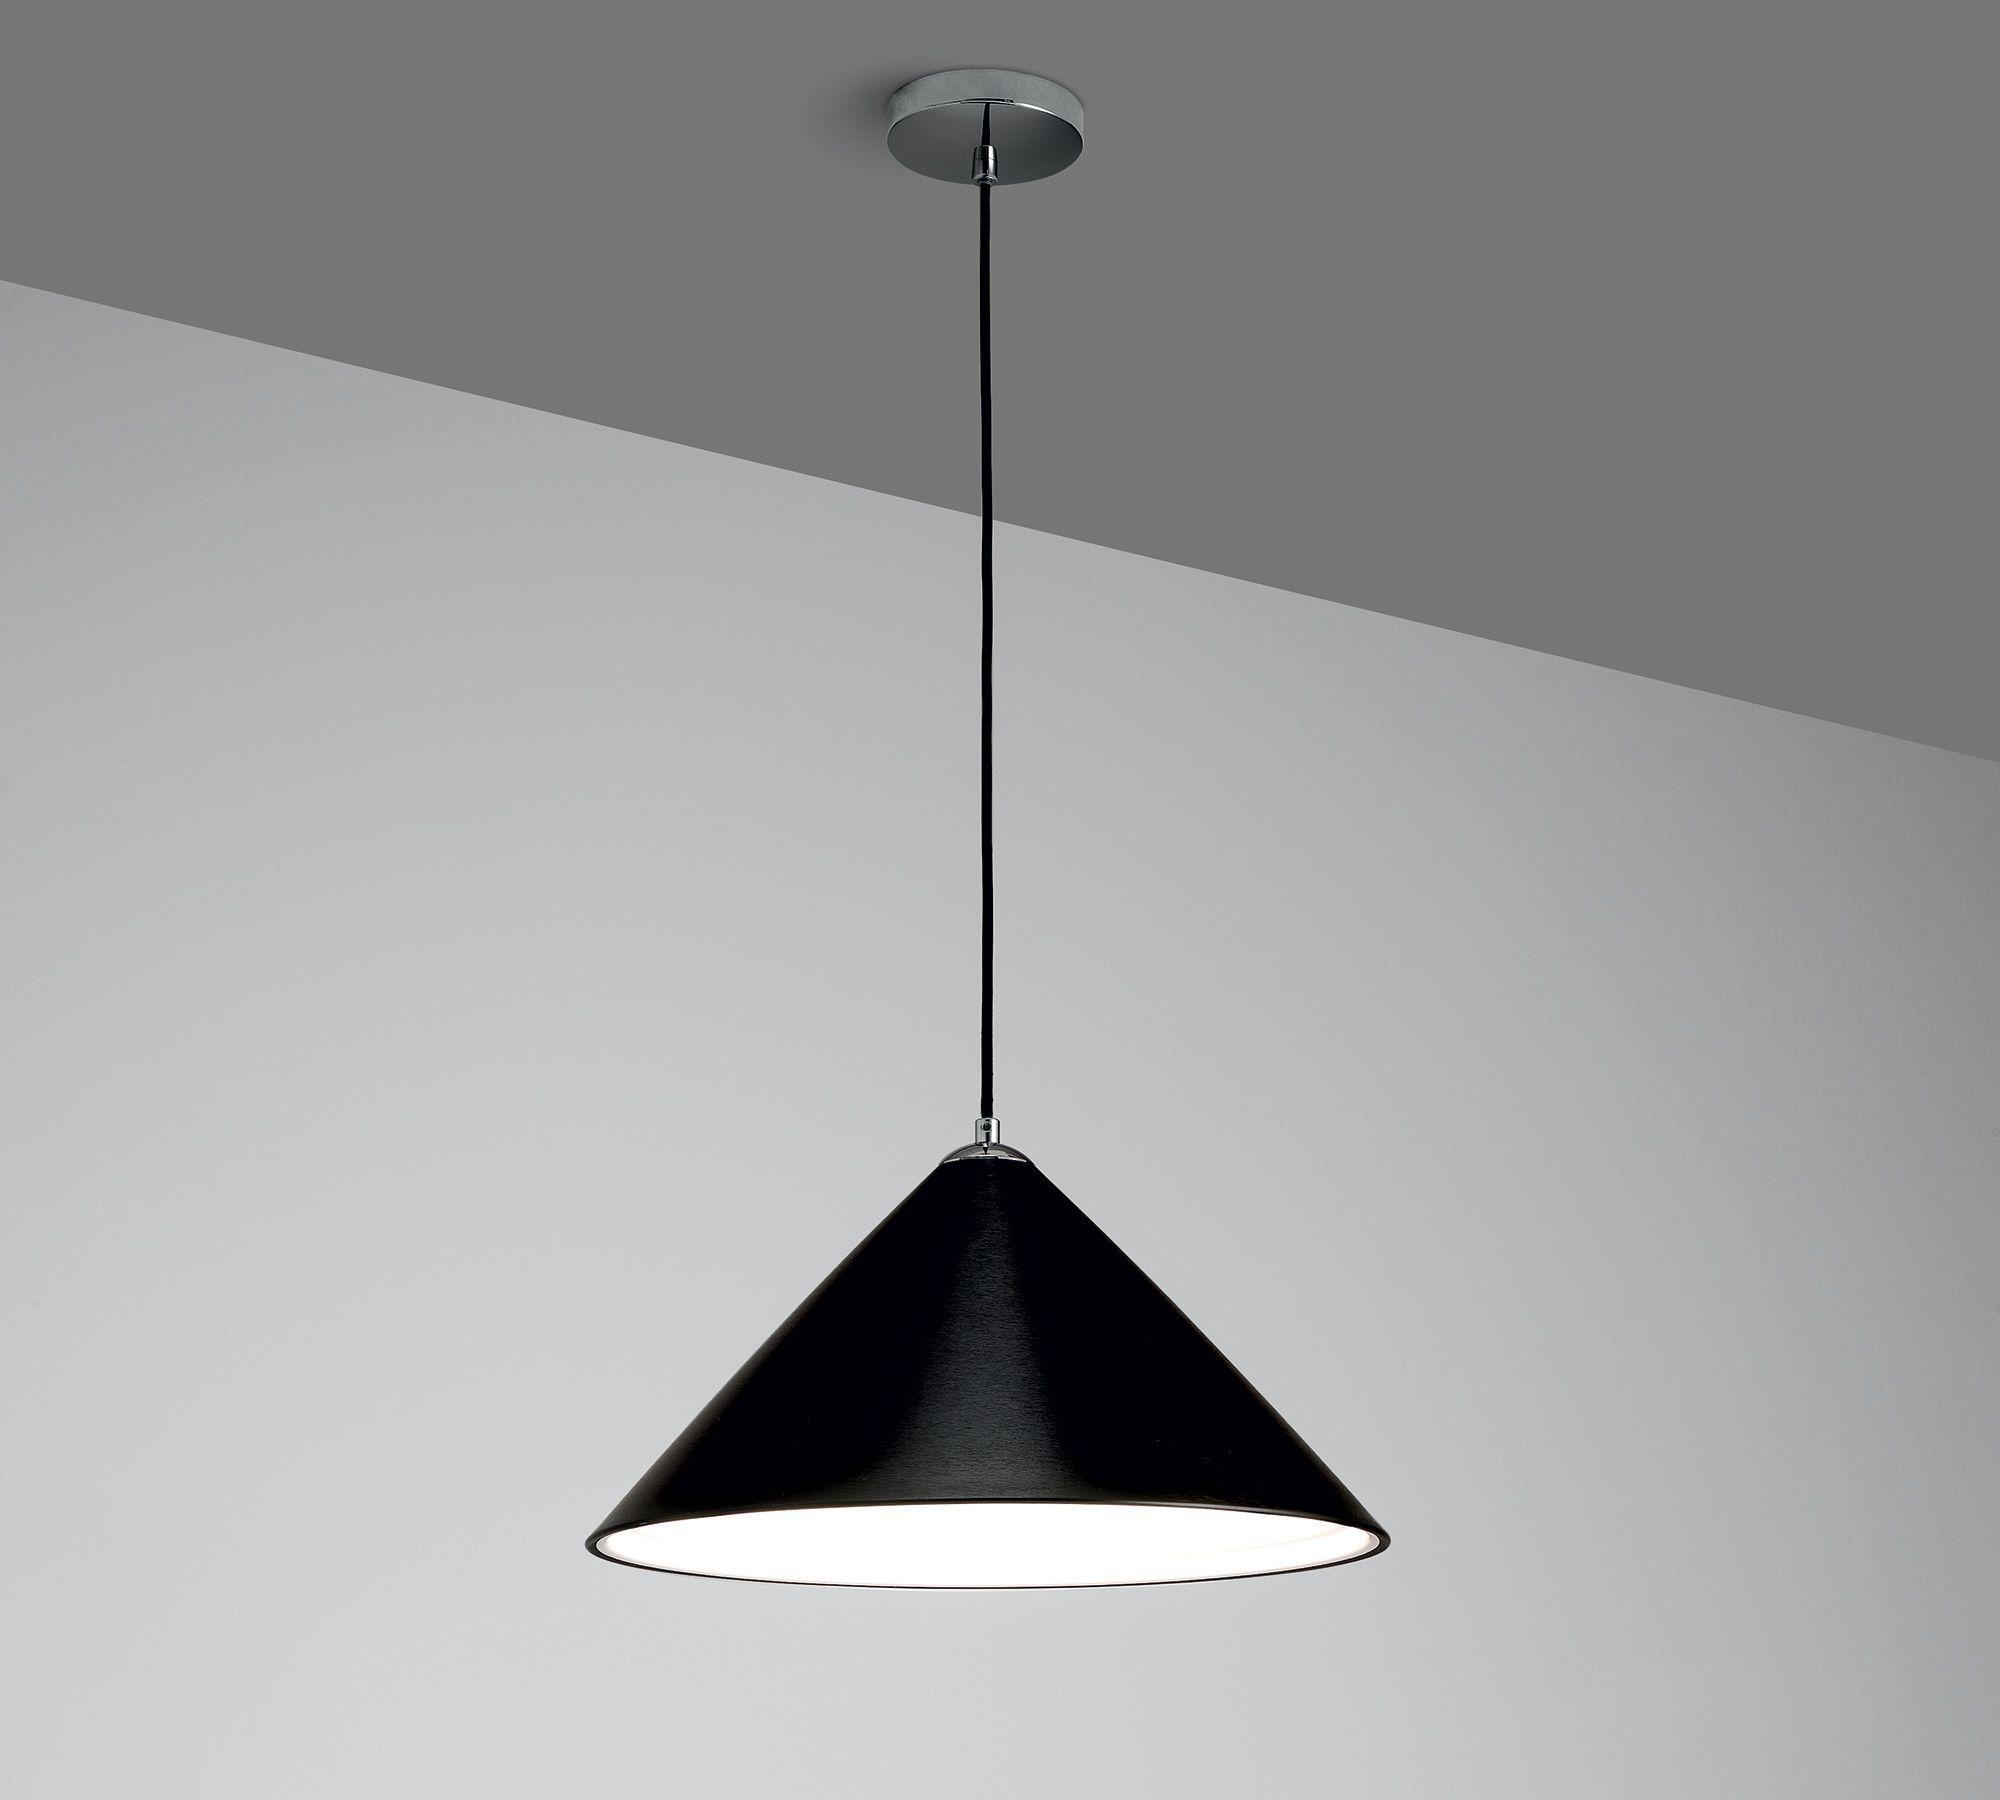 Risultati immagini per lampade a sospensione per cucina ...